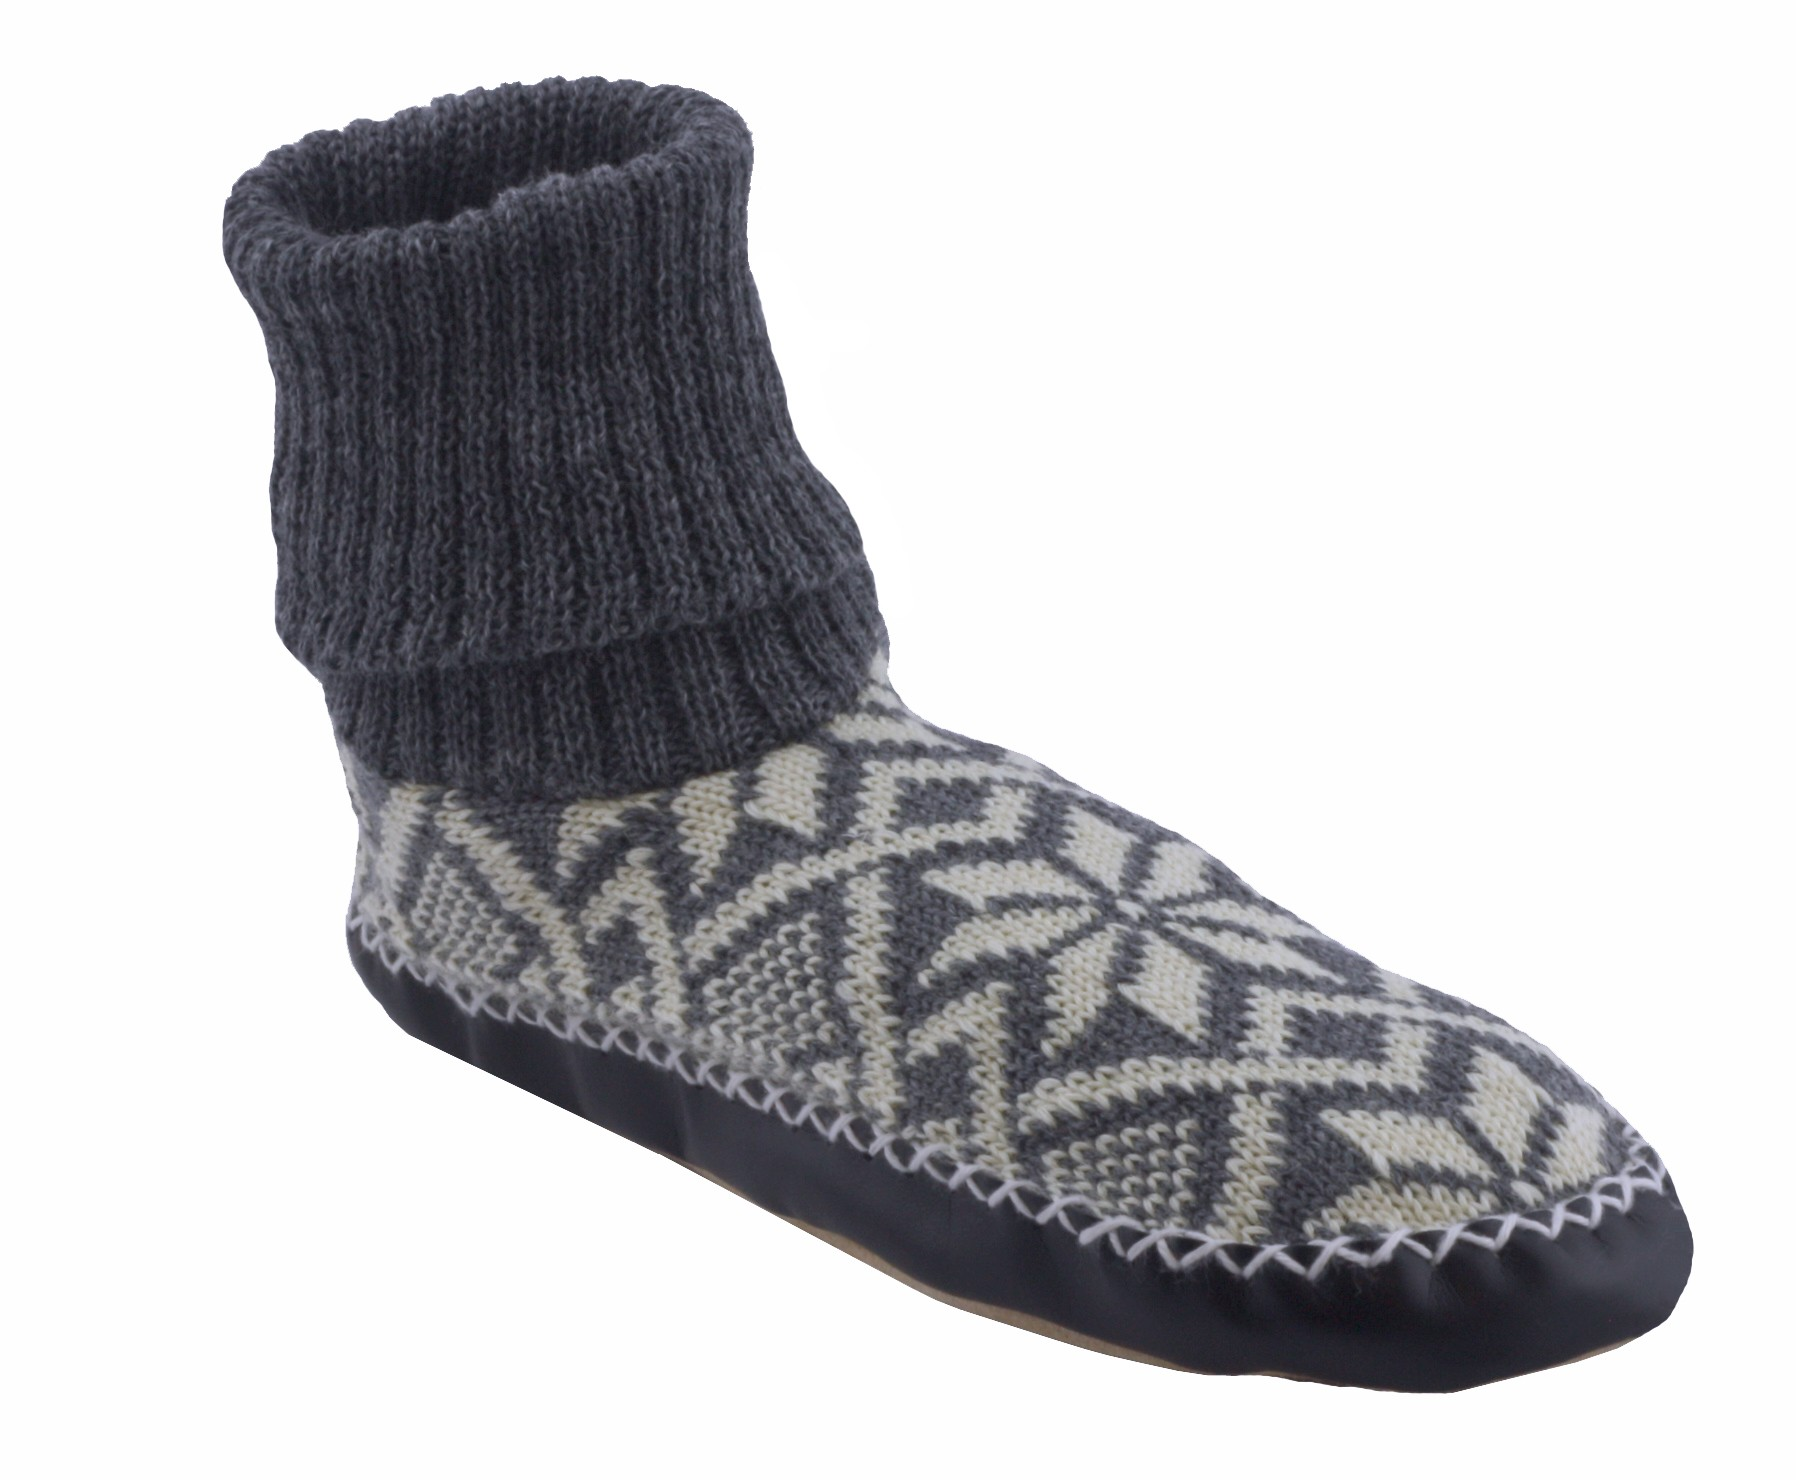 3cdb85b86c001 Chaussons norvégiens : Compromis idéal entre chaussettes et chaussons ! -  viaprestige-mode.fr